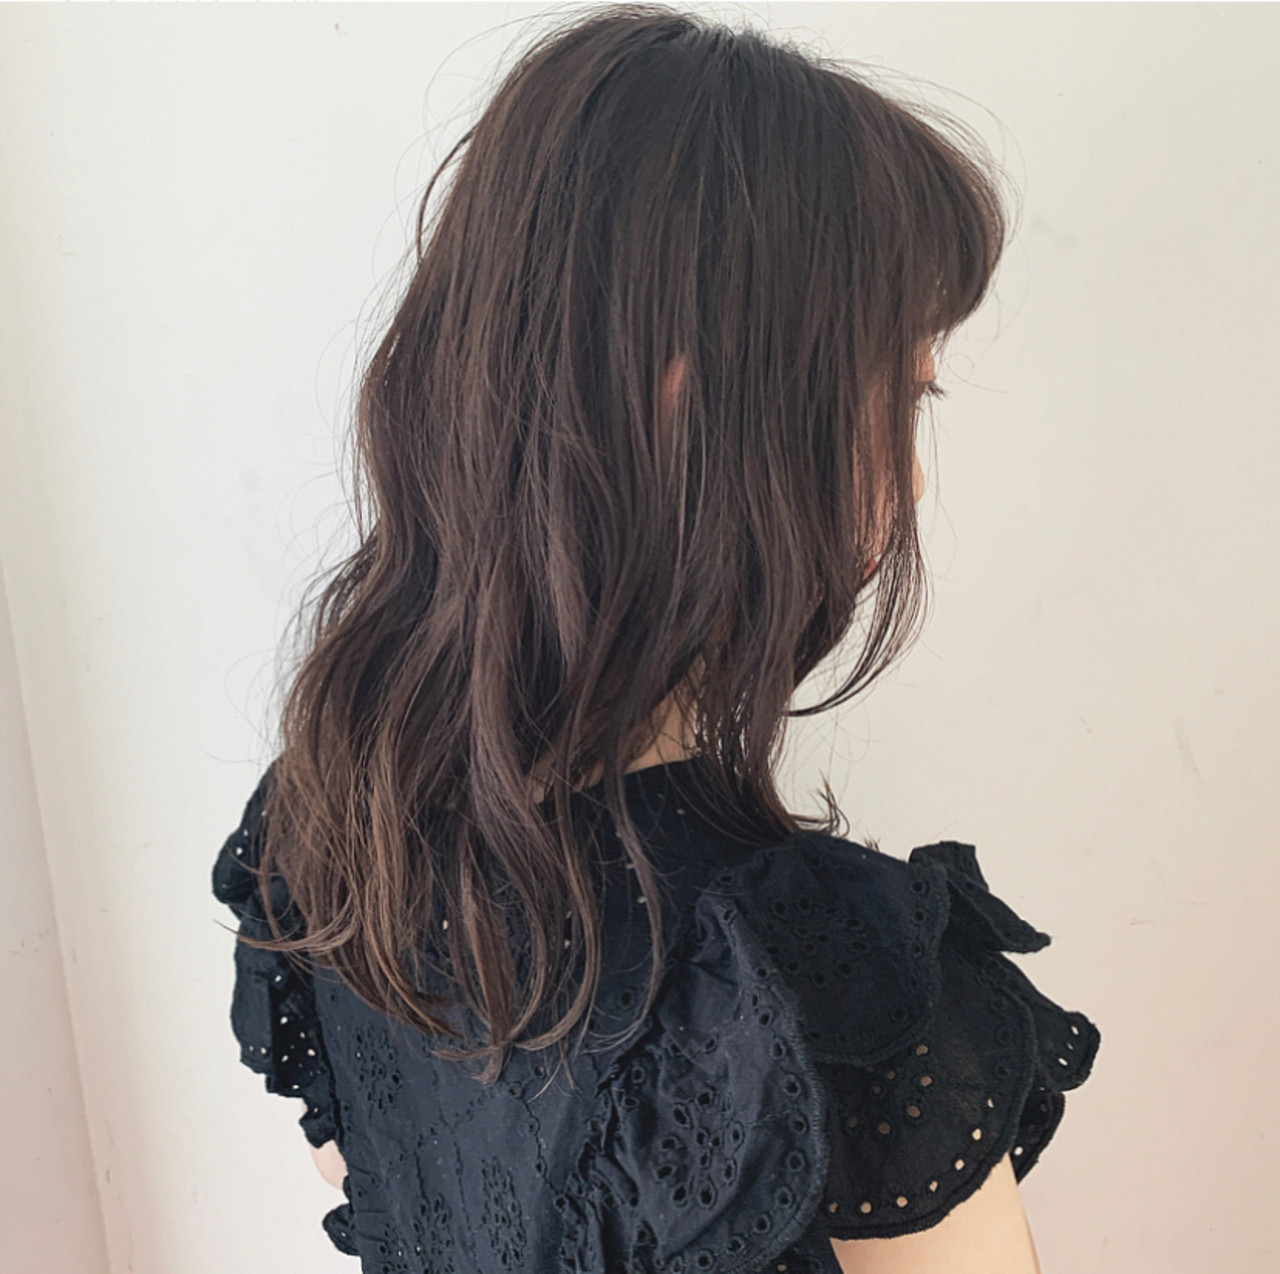 儚げで愛らしい透明感溢れる暗髪のセミロング hiroyuki_kihara__Direction